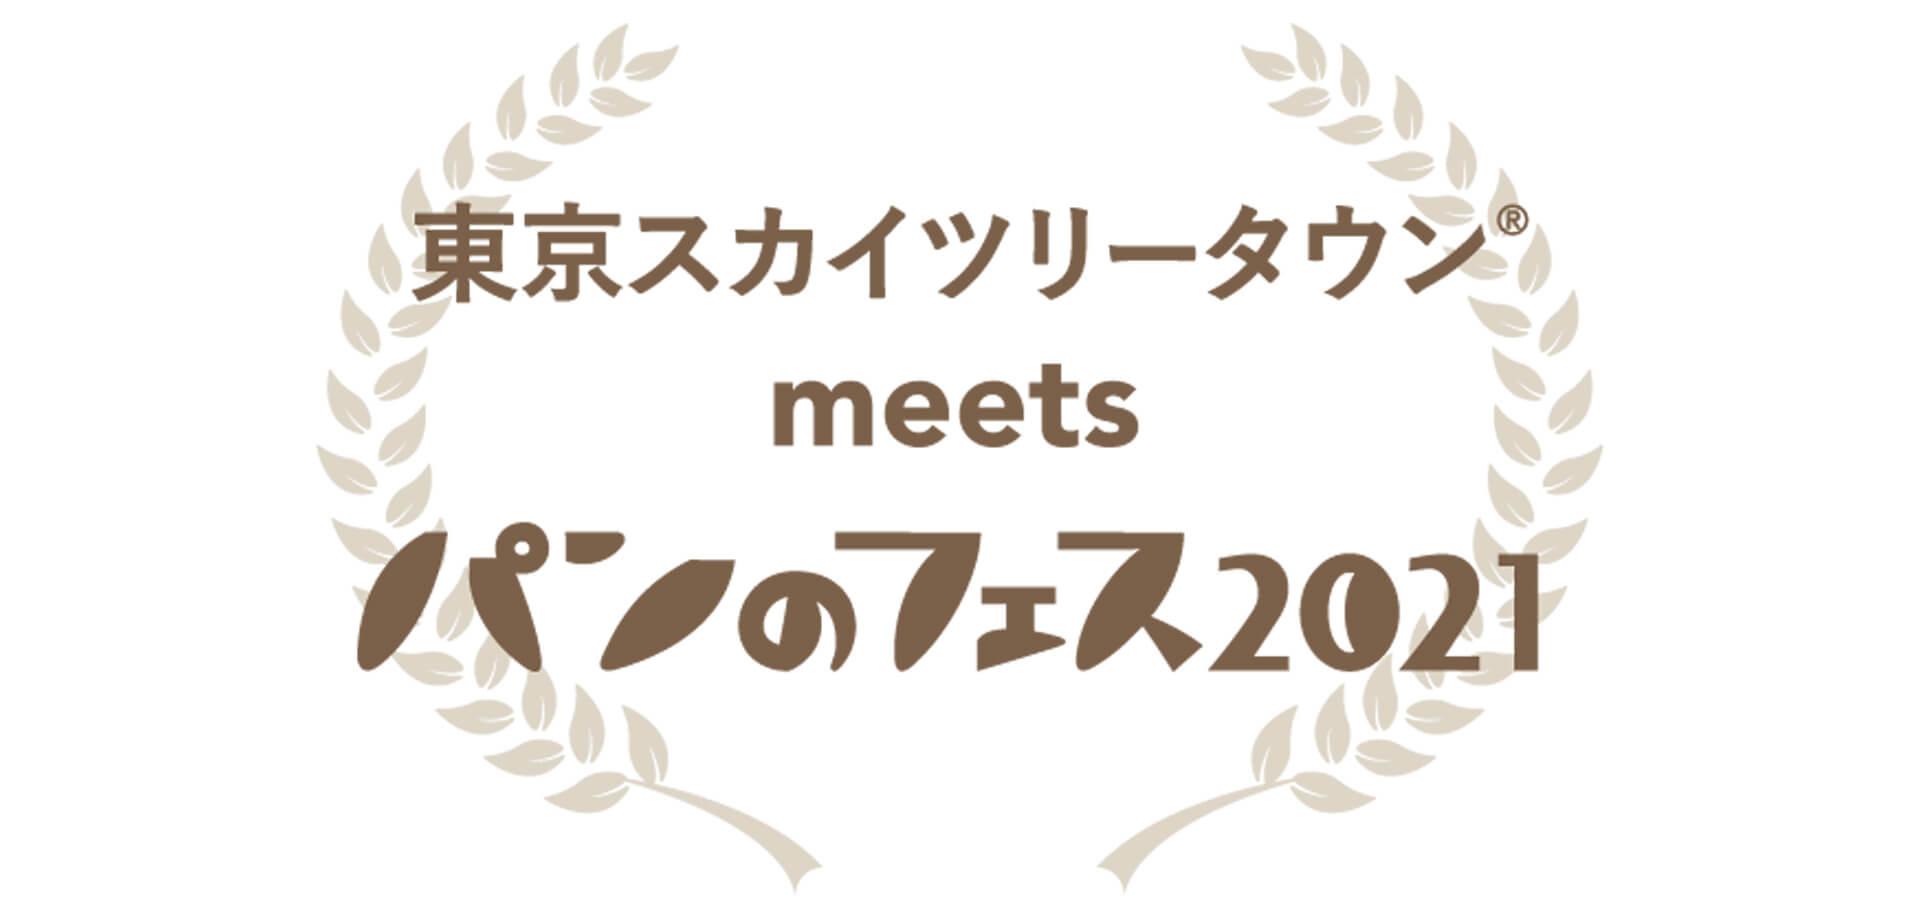 東京スカイツリータウン(R) meets パンのフェス2021